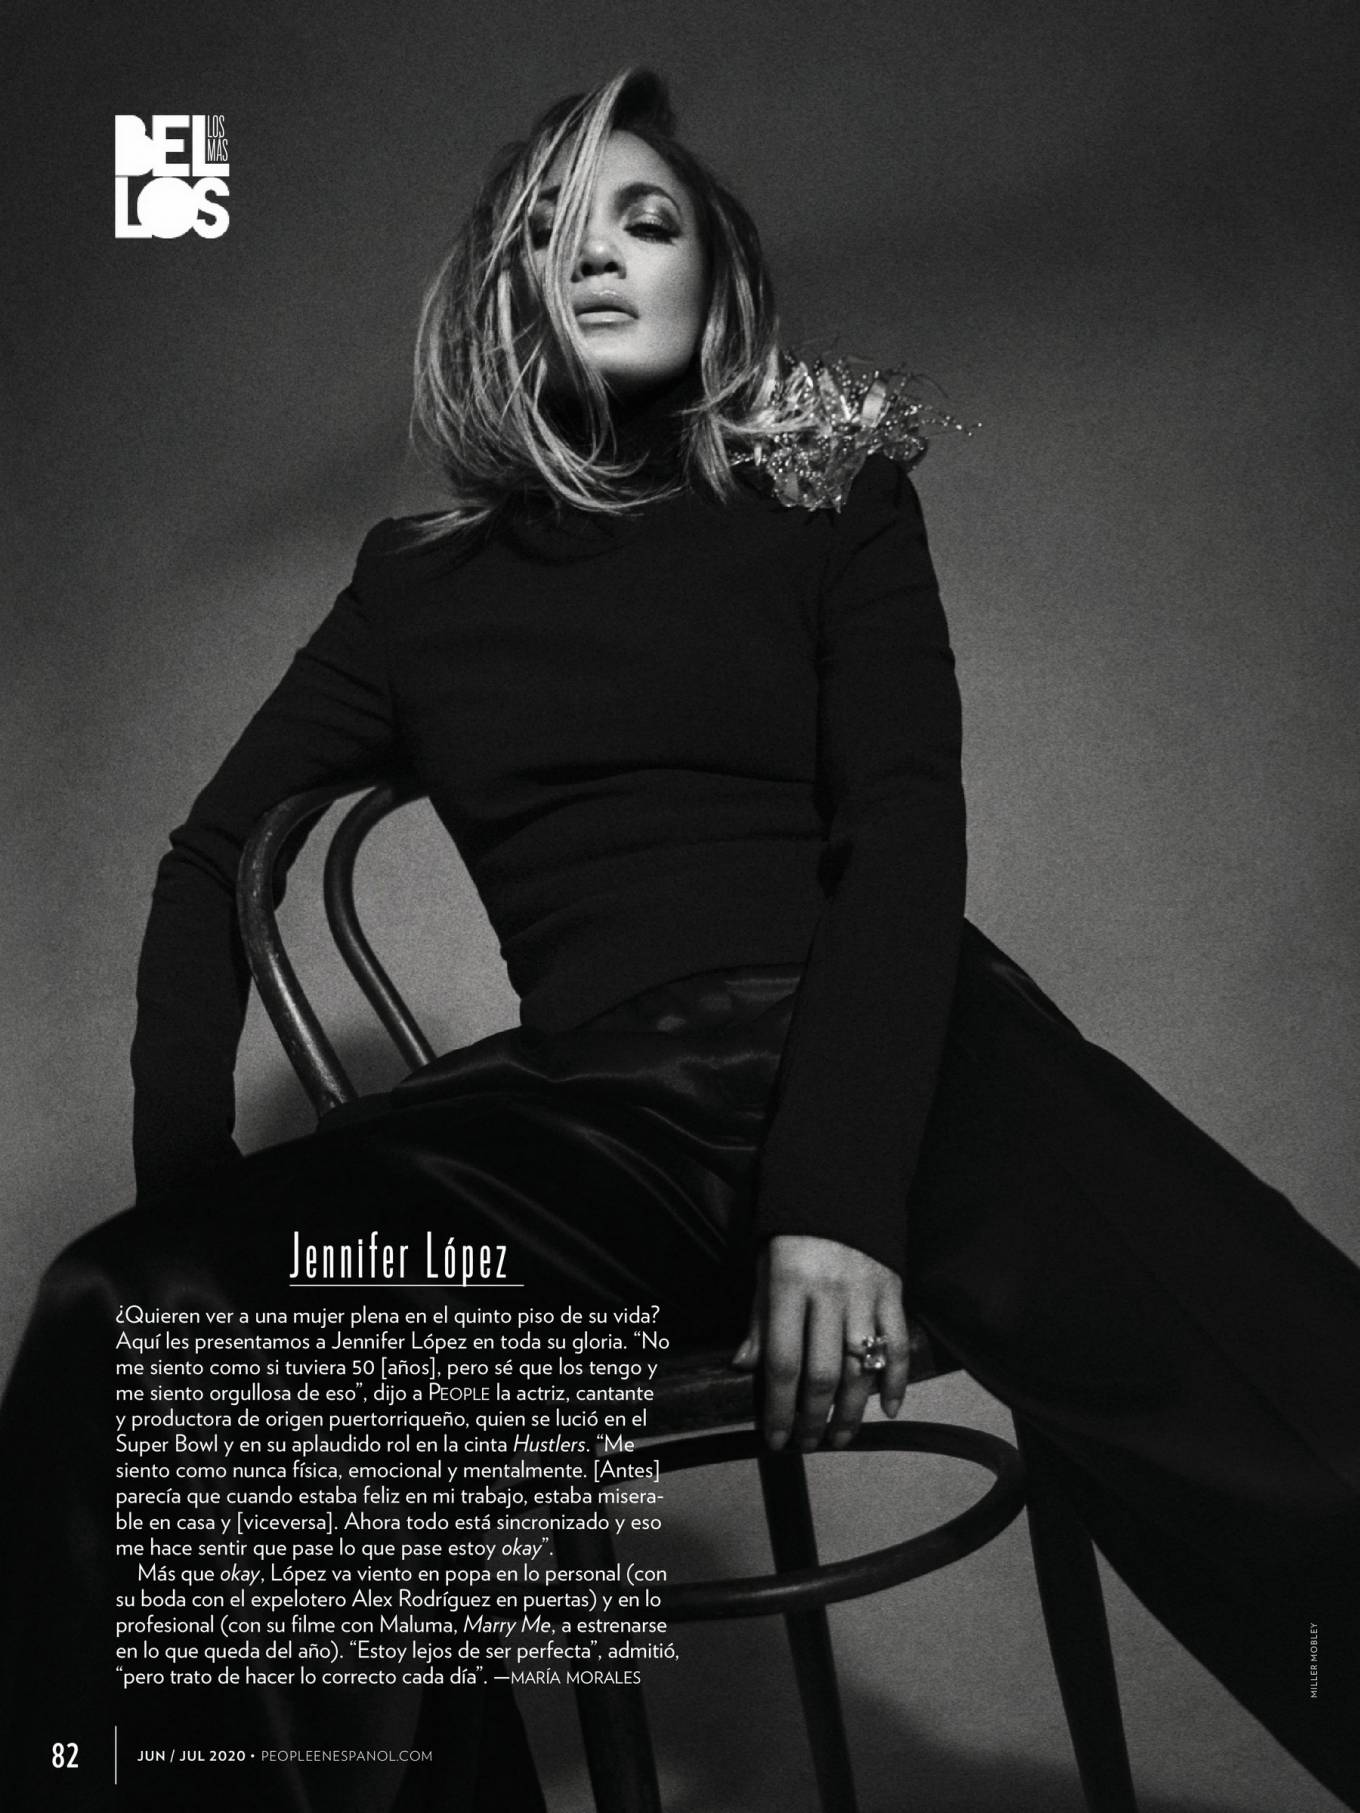 Jennifer Lopez for People en Espanol (June 2020)